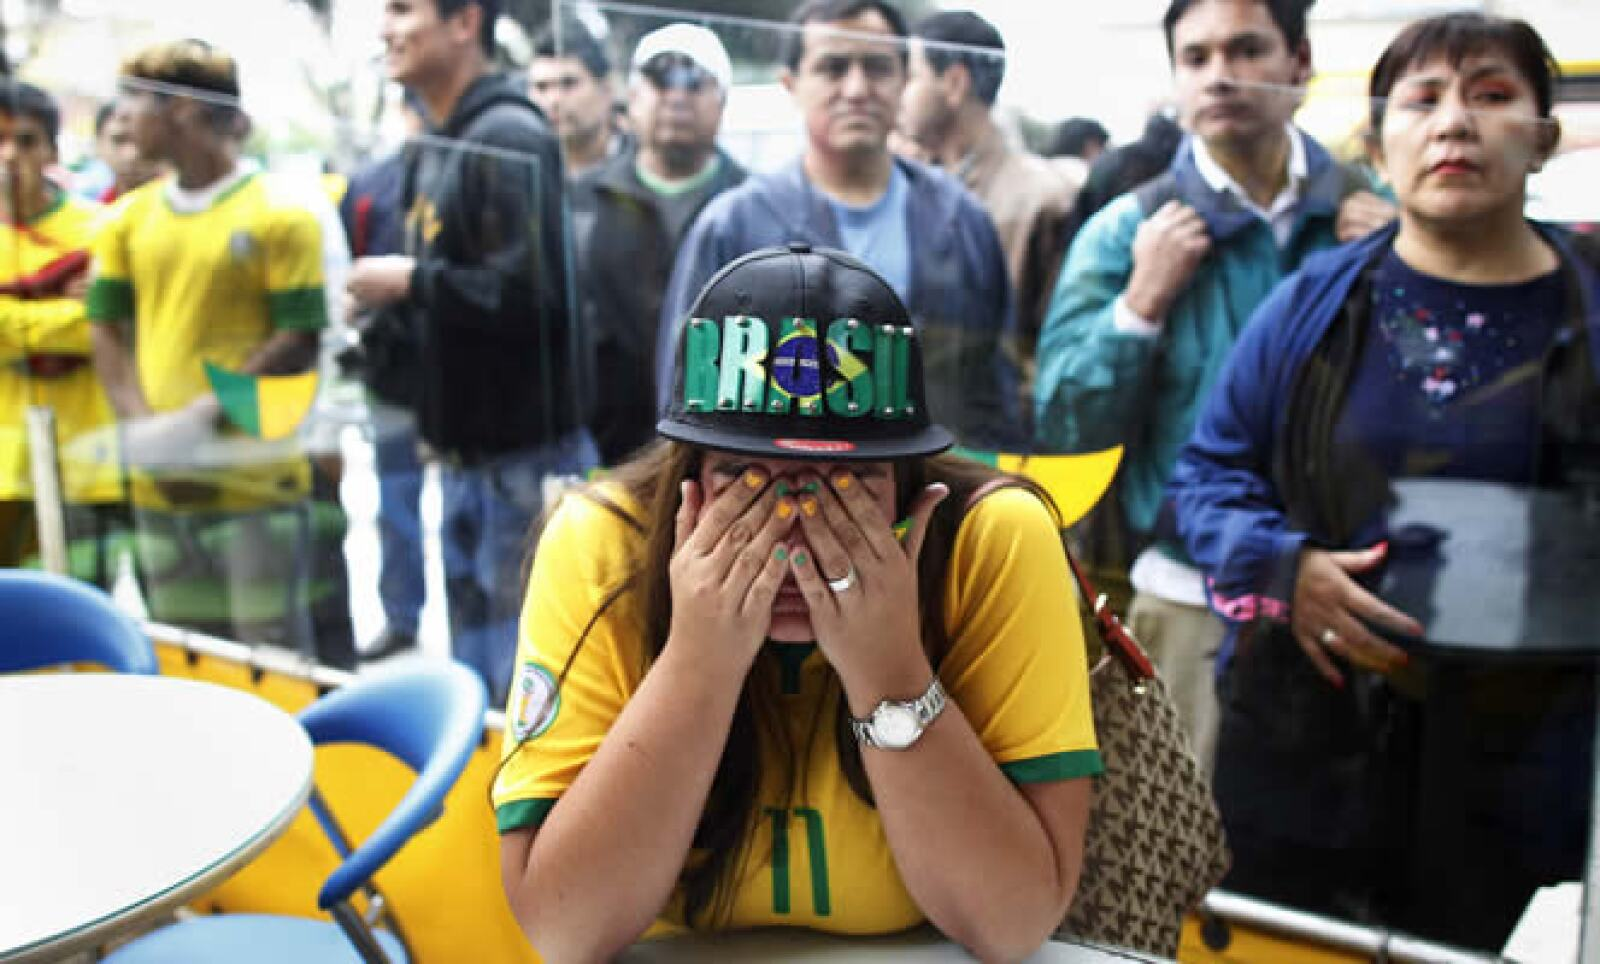 El 8 de julio de 2014 es sin duda el día más amargo en la historia del futbol brasileño al ser eliminados de su Mundial 7-1 por los Alemanes en Belo Horizonte, ciudad que desde hoy podría llamarse Triste Horizonte.